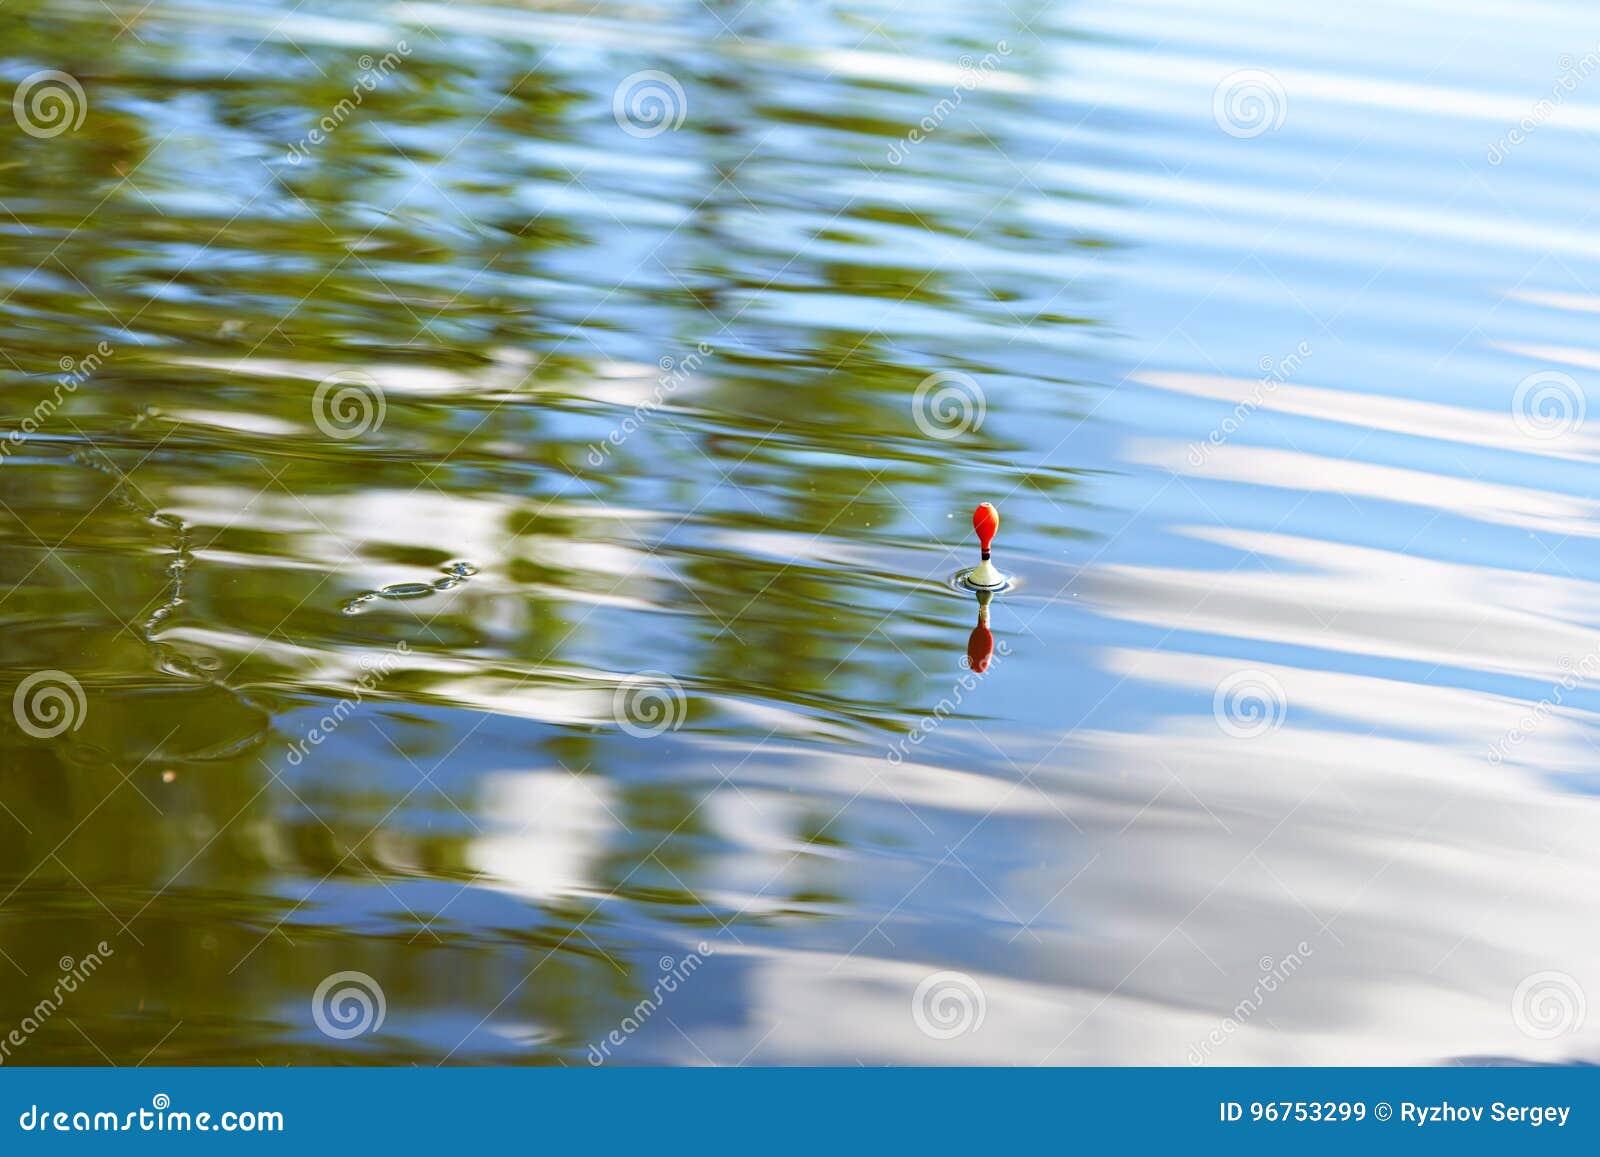 De visserij van vlotter op water met golven en mooie bezinning